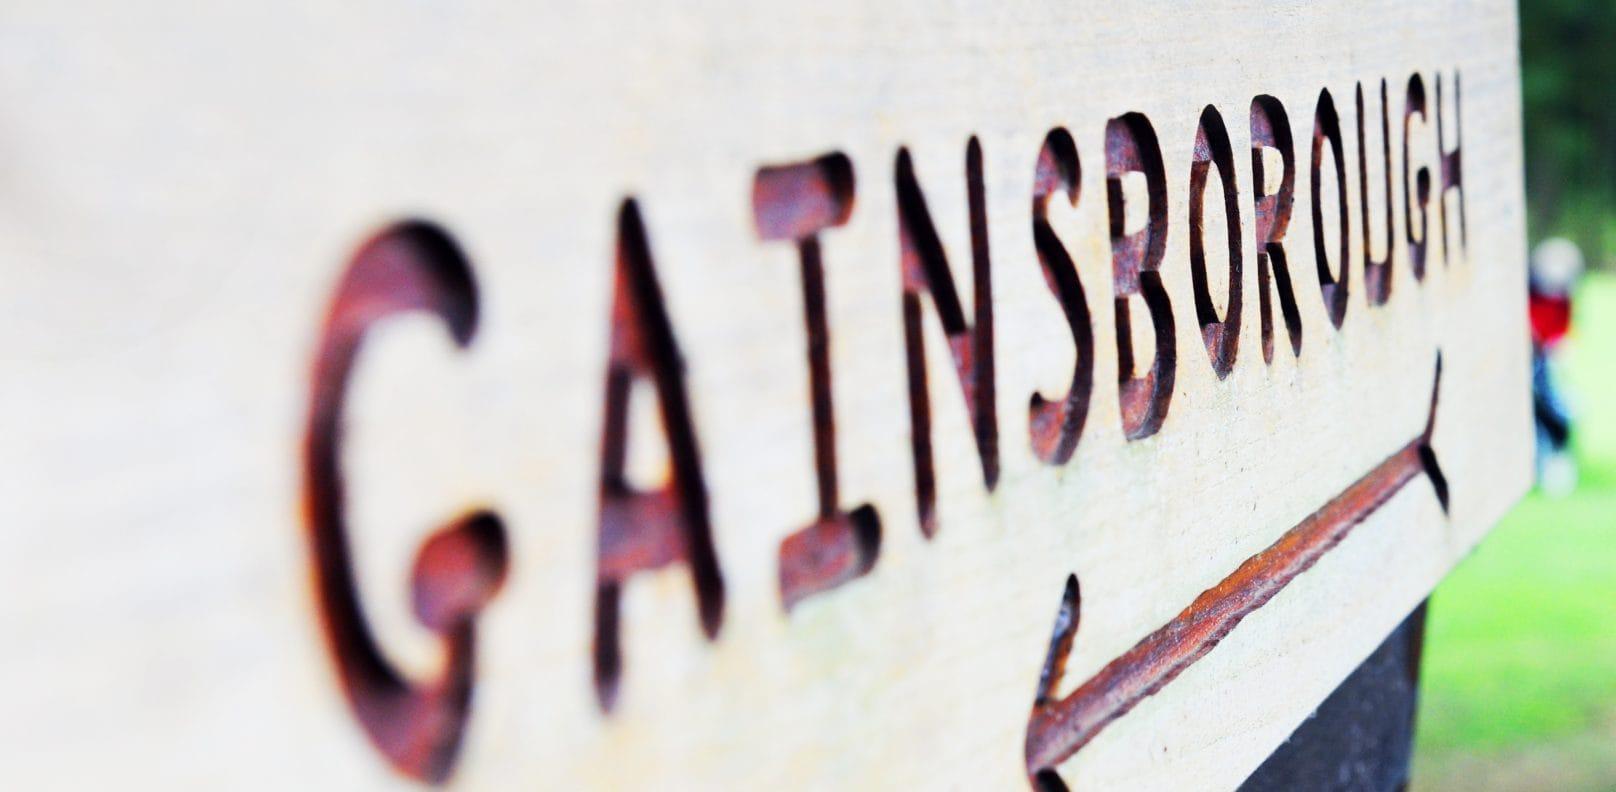 Gainsborough golf course SbN